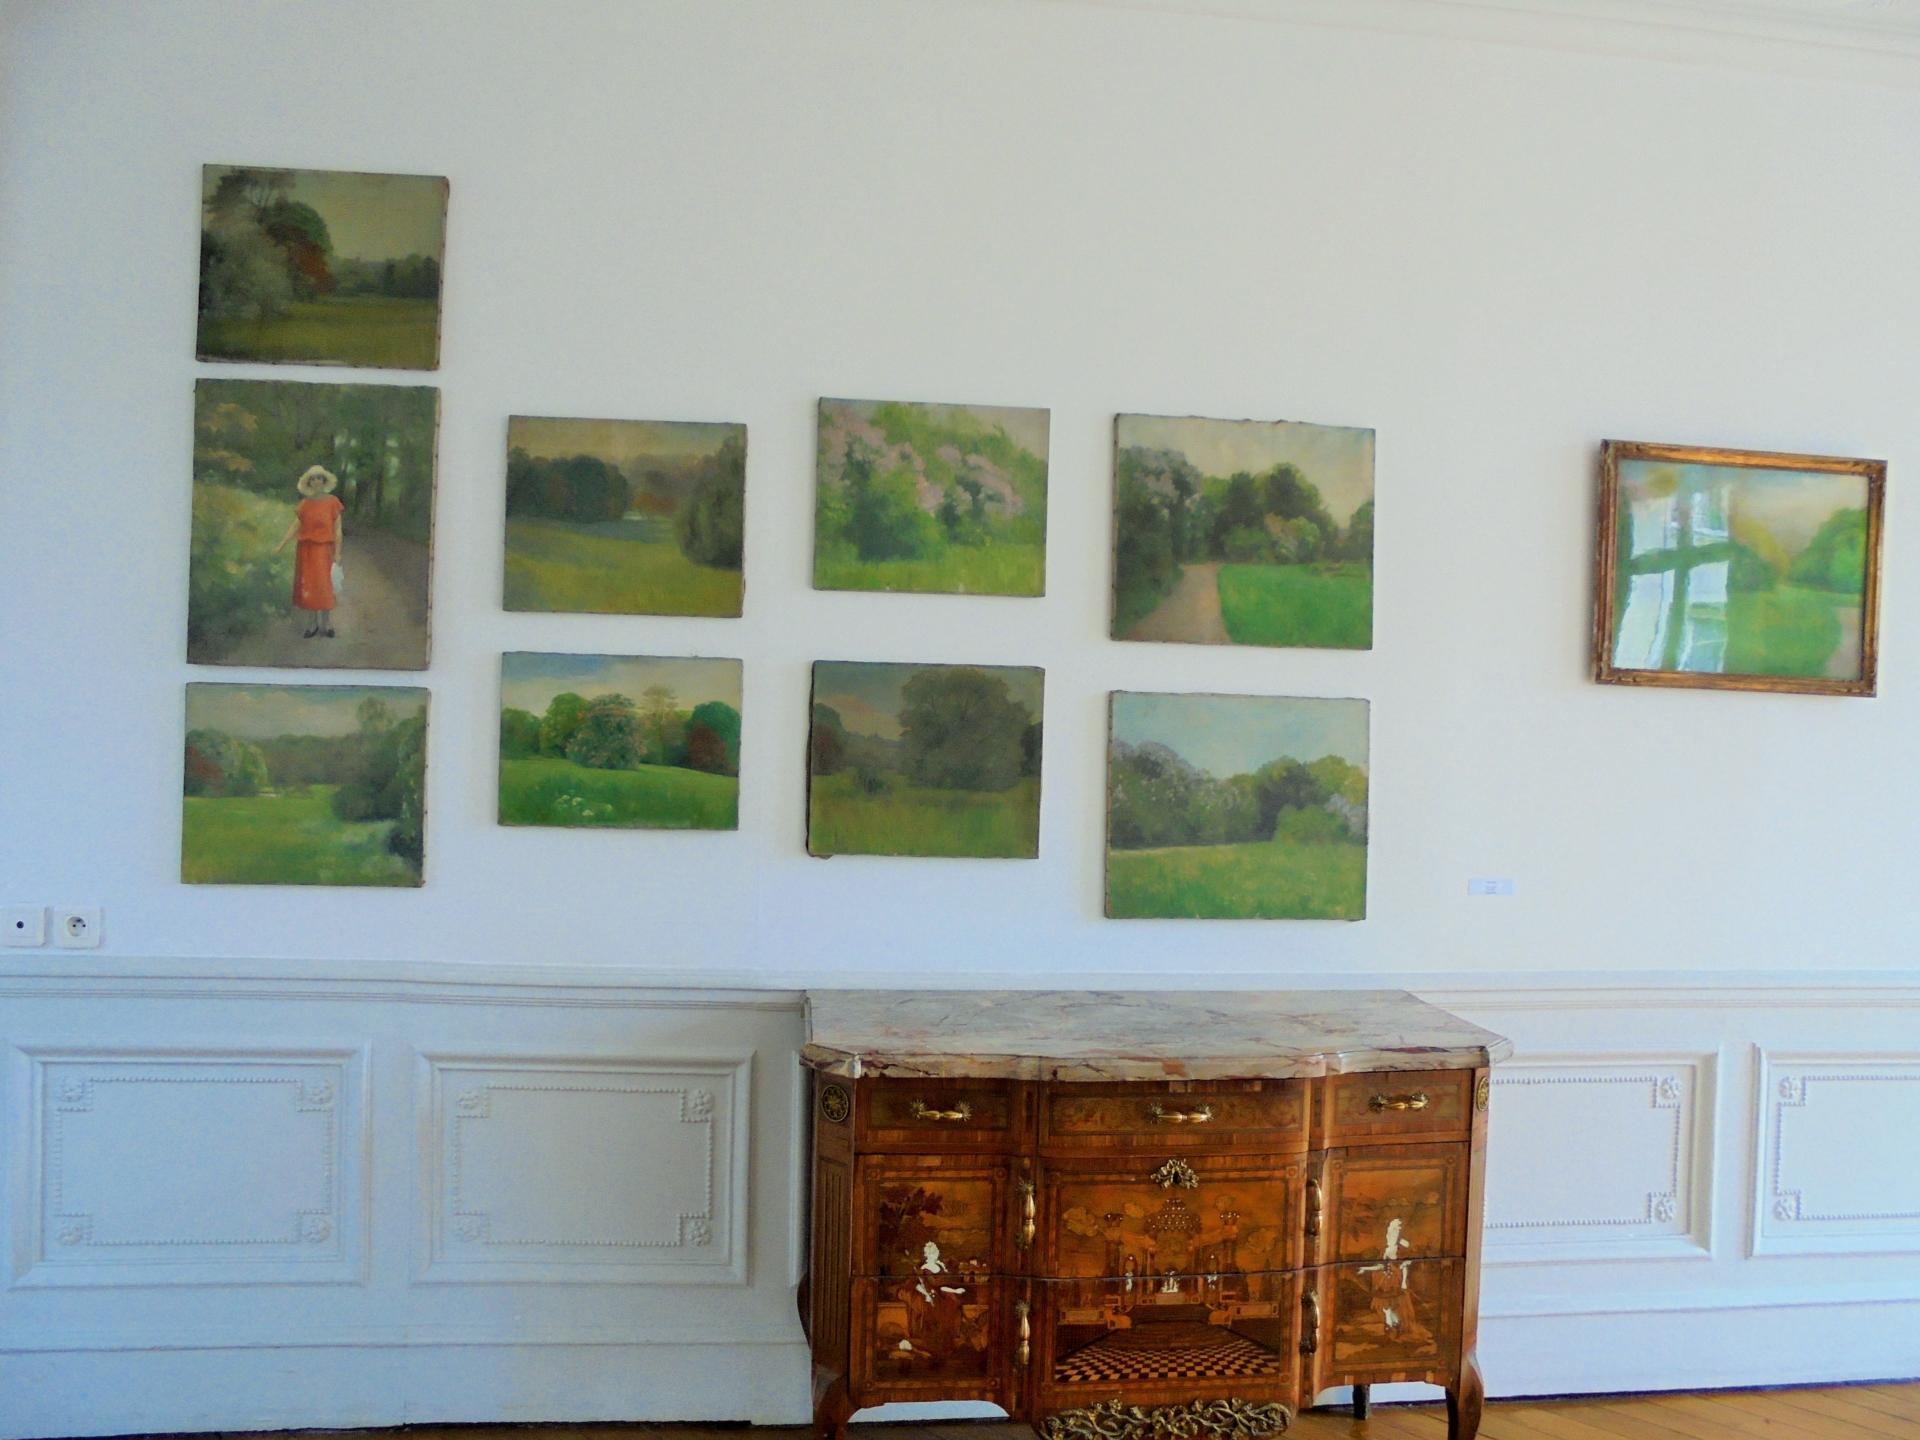 Vues du parc huile sur toile vers 1920 Collection FNAGP (2)